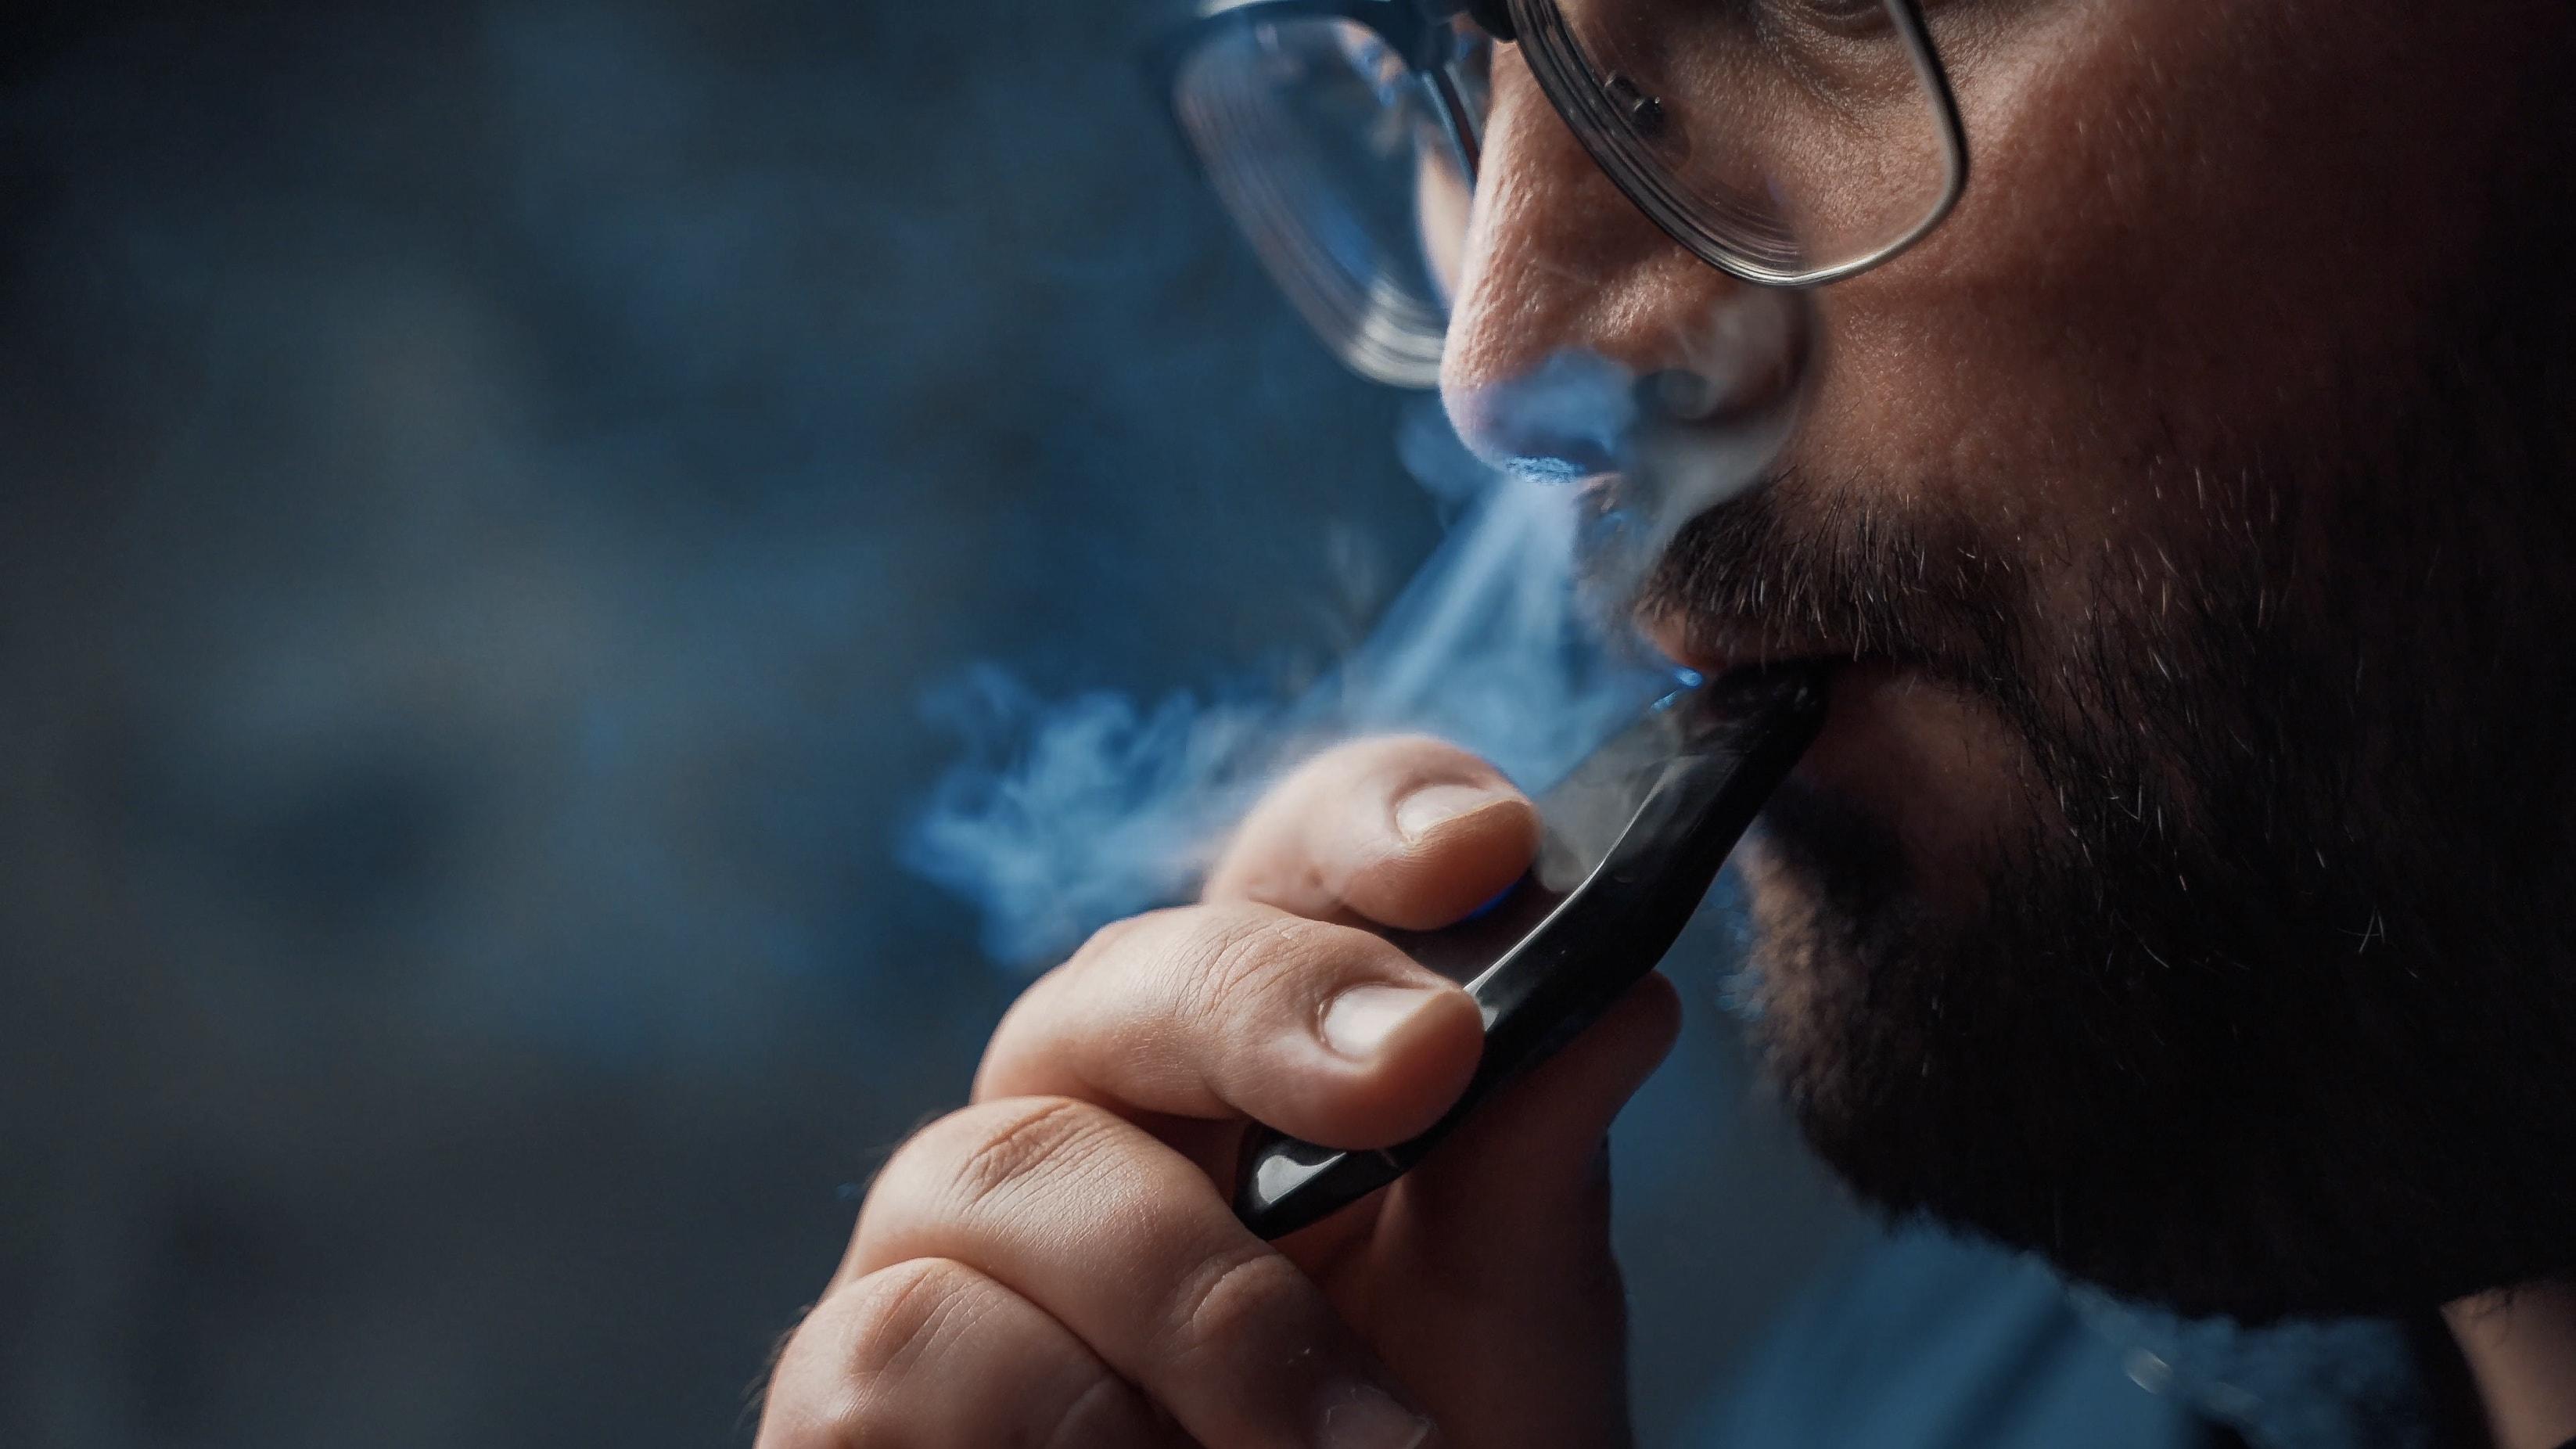 ¿Cuán responsables son las empresas de cigarrillos electrónicos? ¿Y pueden ser demandadas?